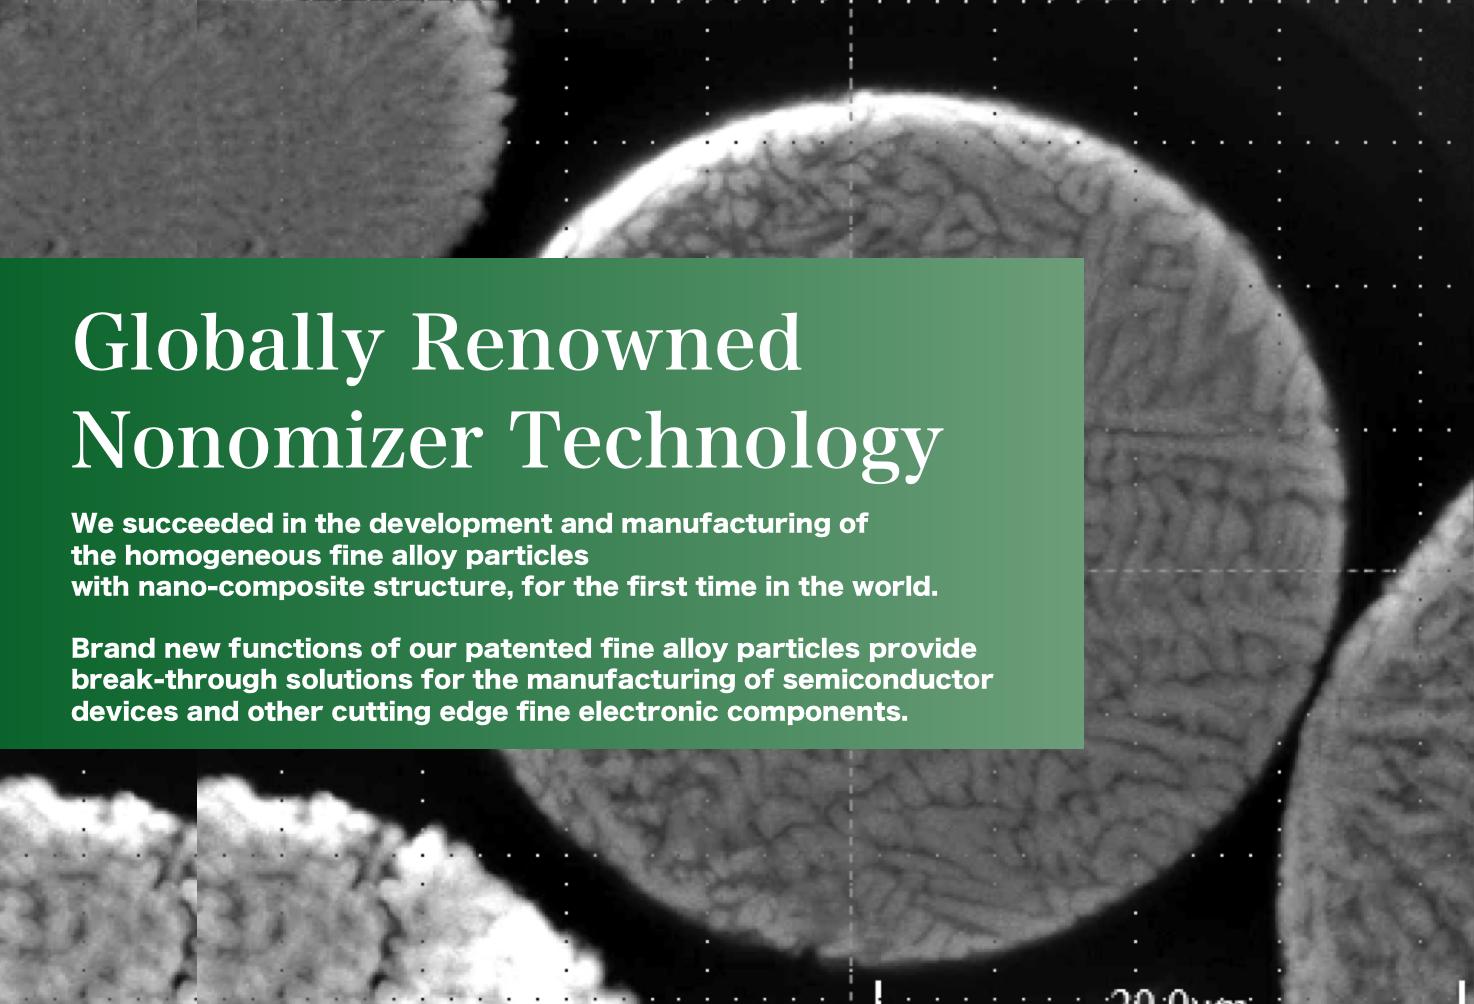 世界が認める、 ナノマイズテクノロジー。